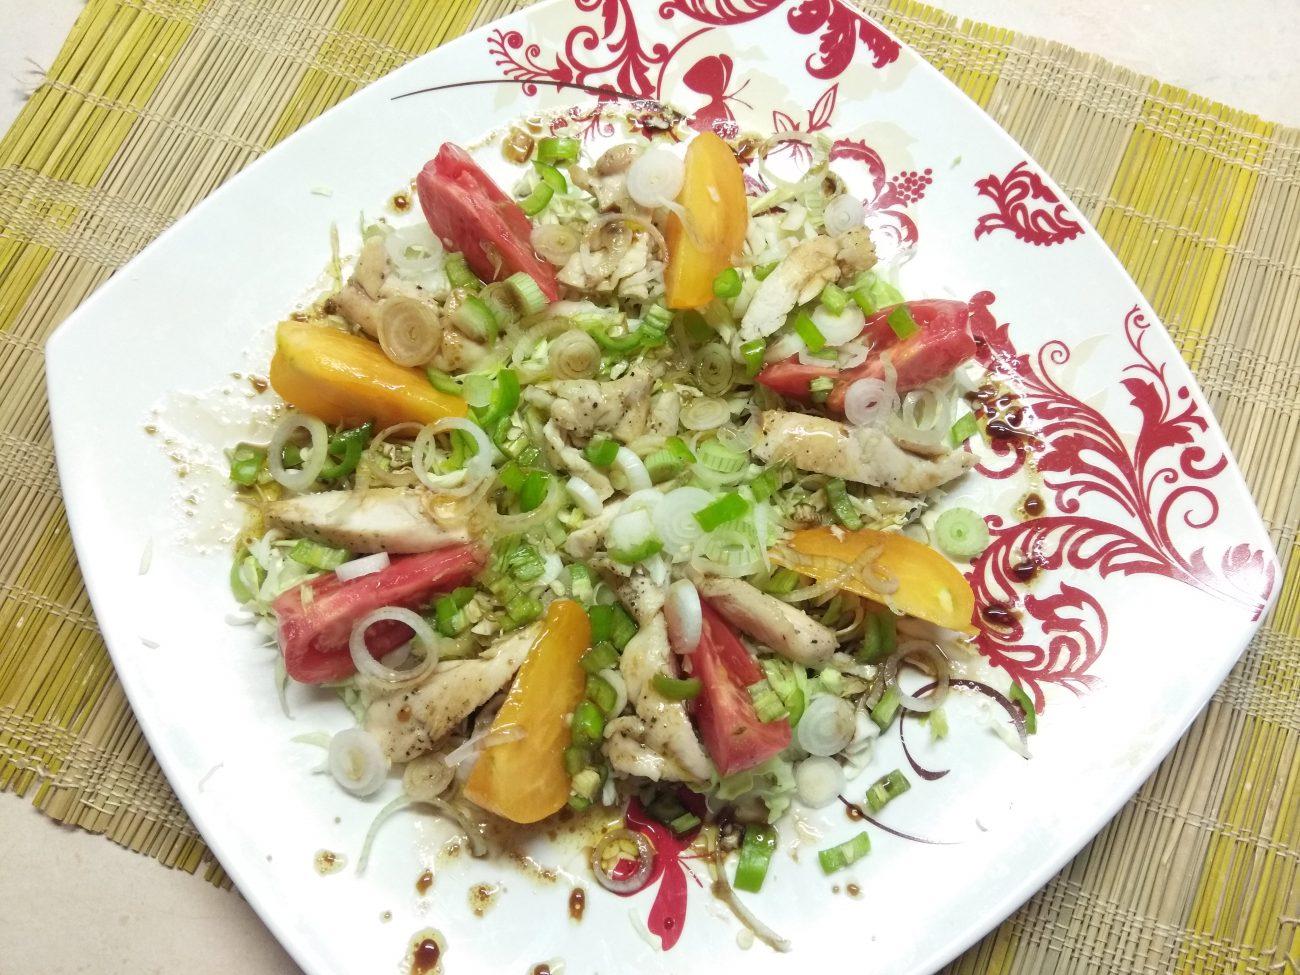 Салат с куриным филе, помидорами и капустой